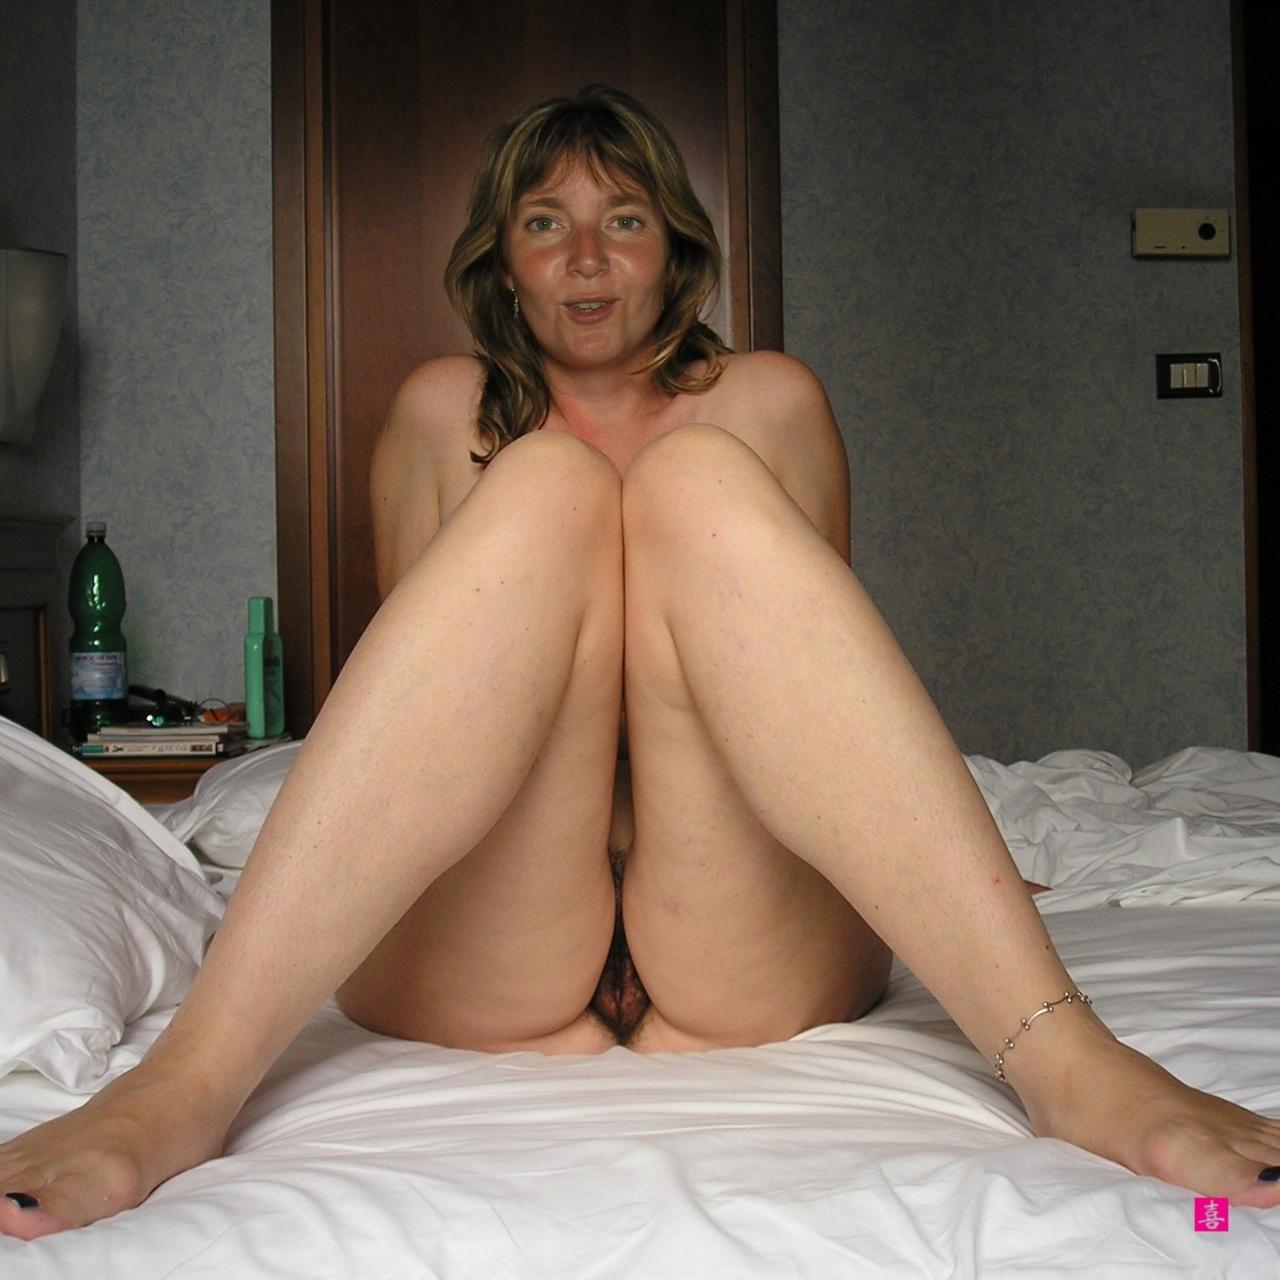 escort site sexdate milf